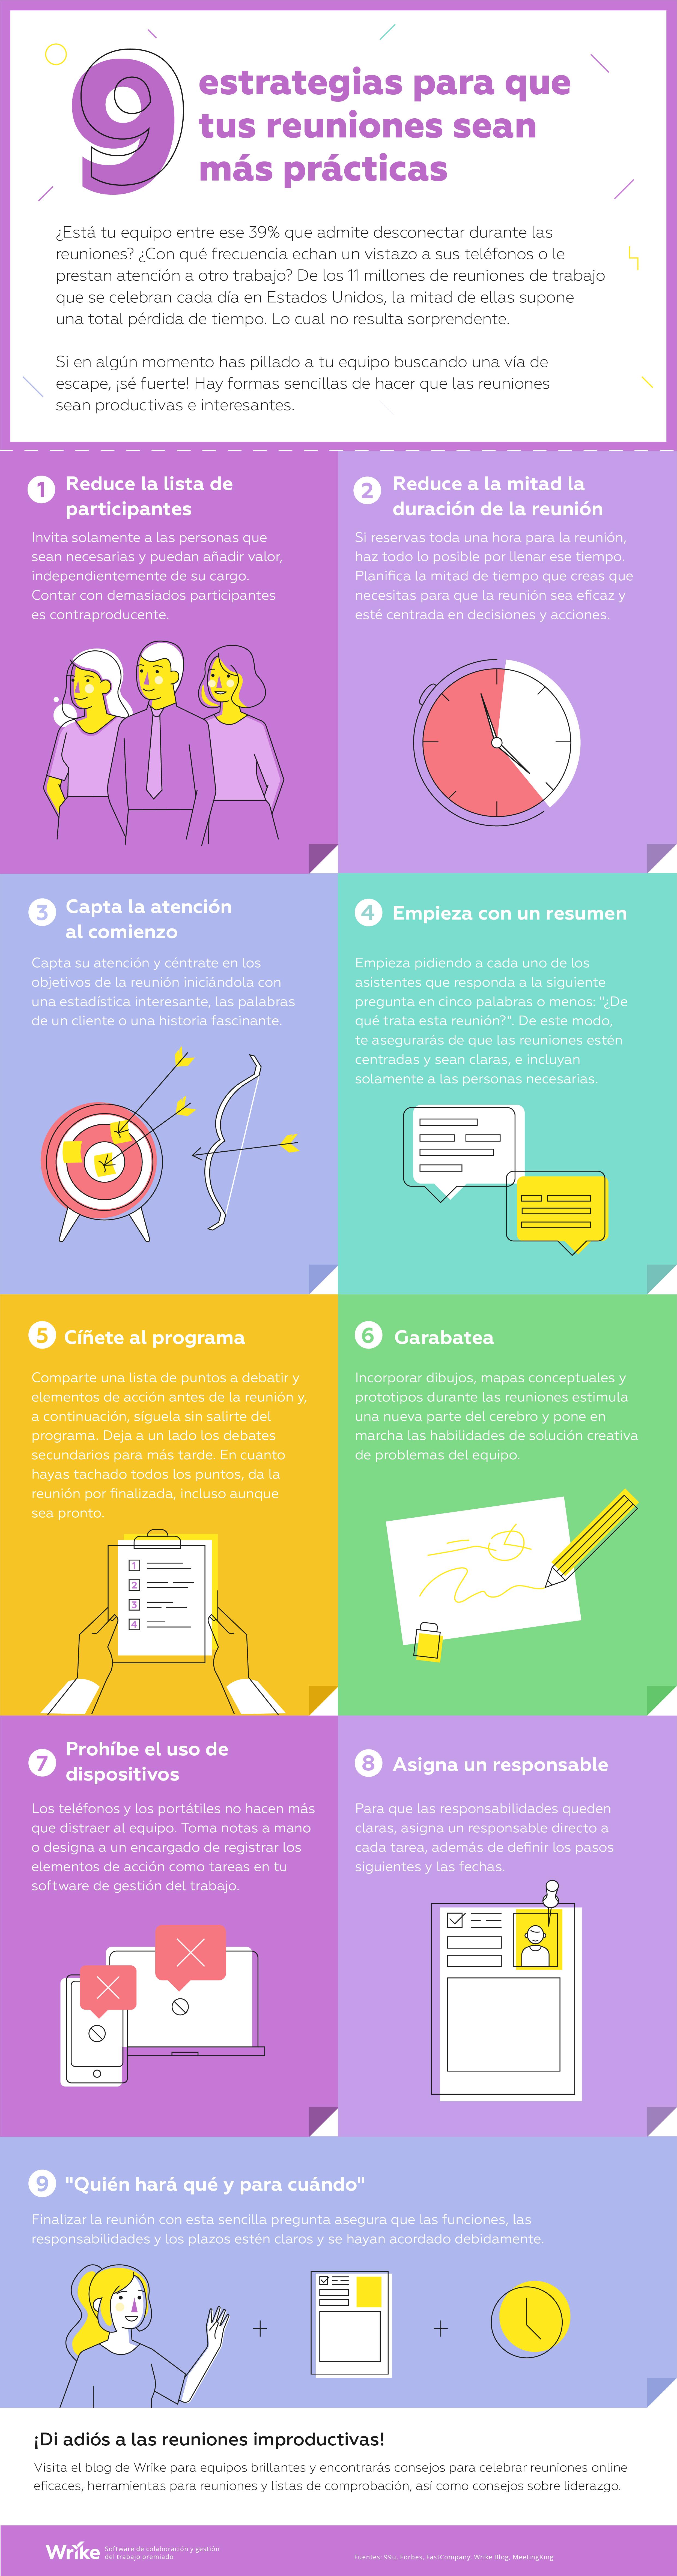 9 estrategias de eficacia probada para hacer que tus reuniones sean muy prácticas(infografía)